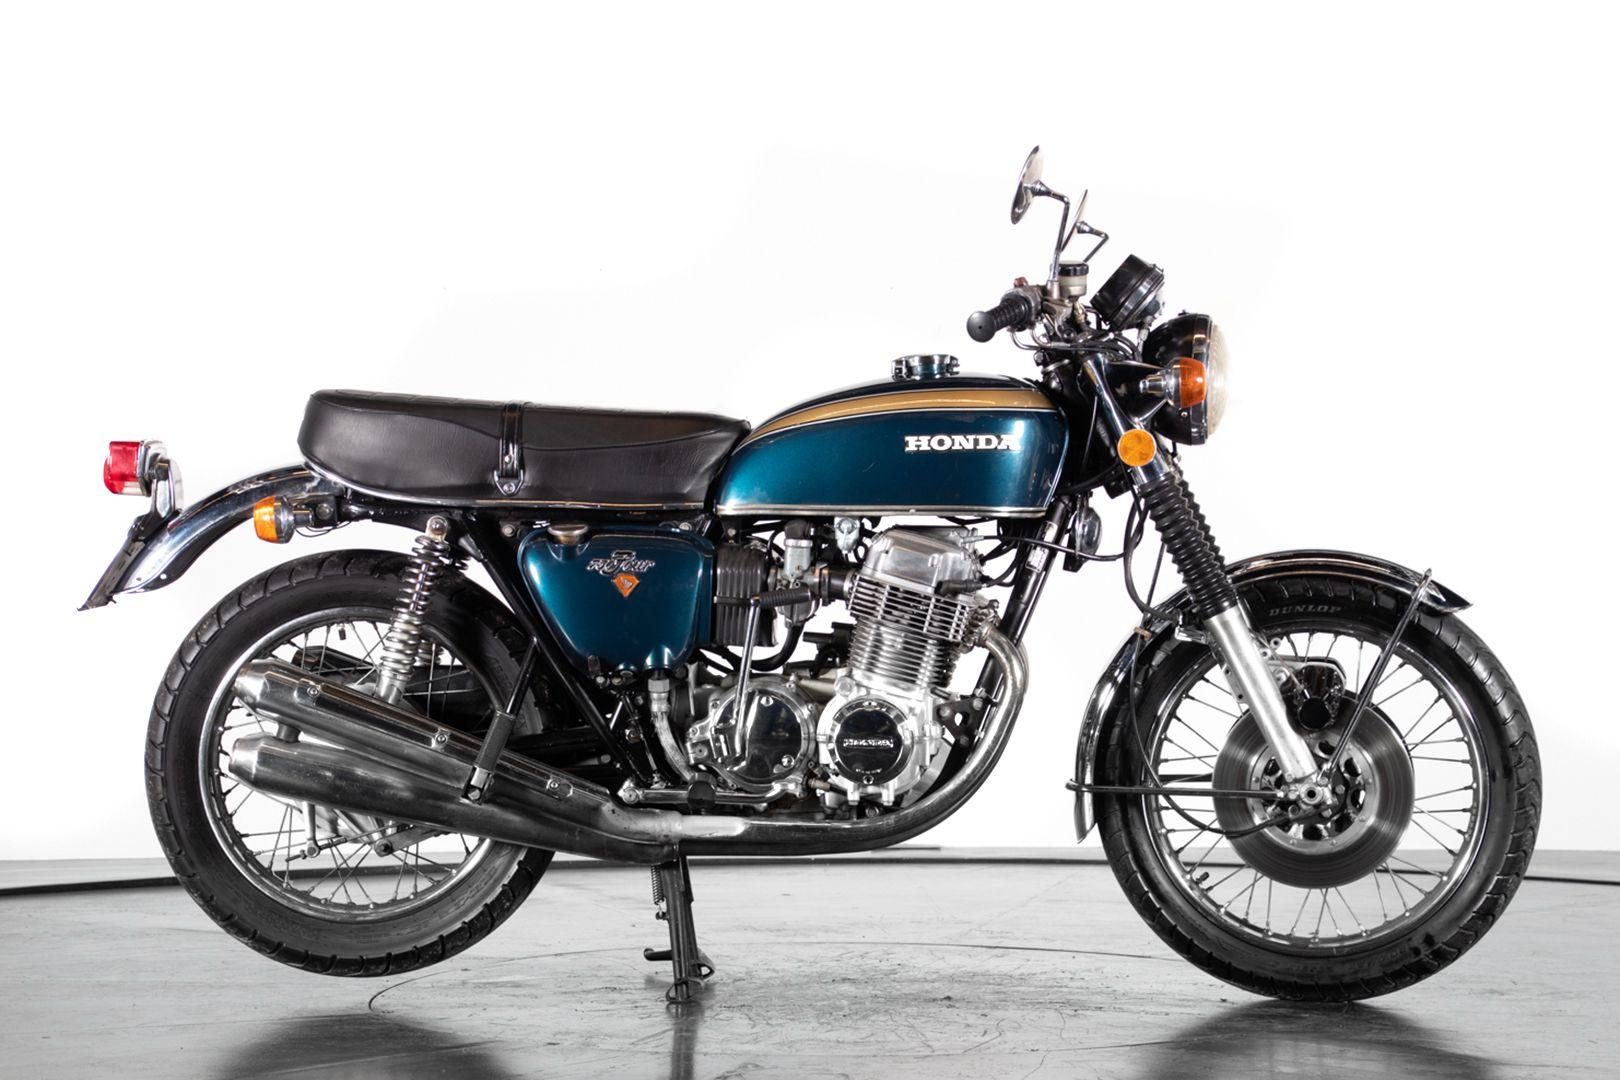 1973 Honda CB 750 Four 44300